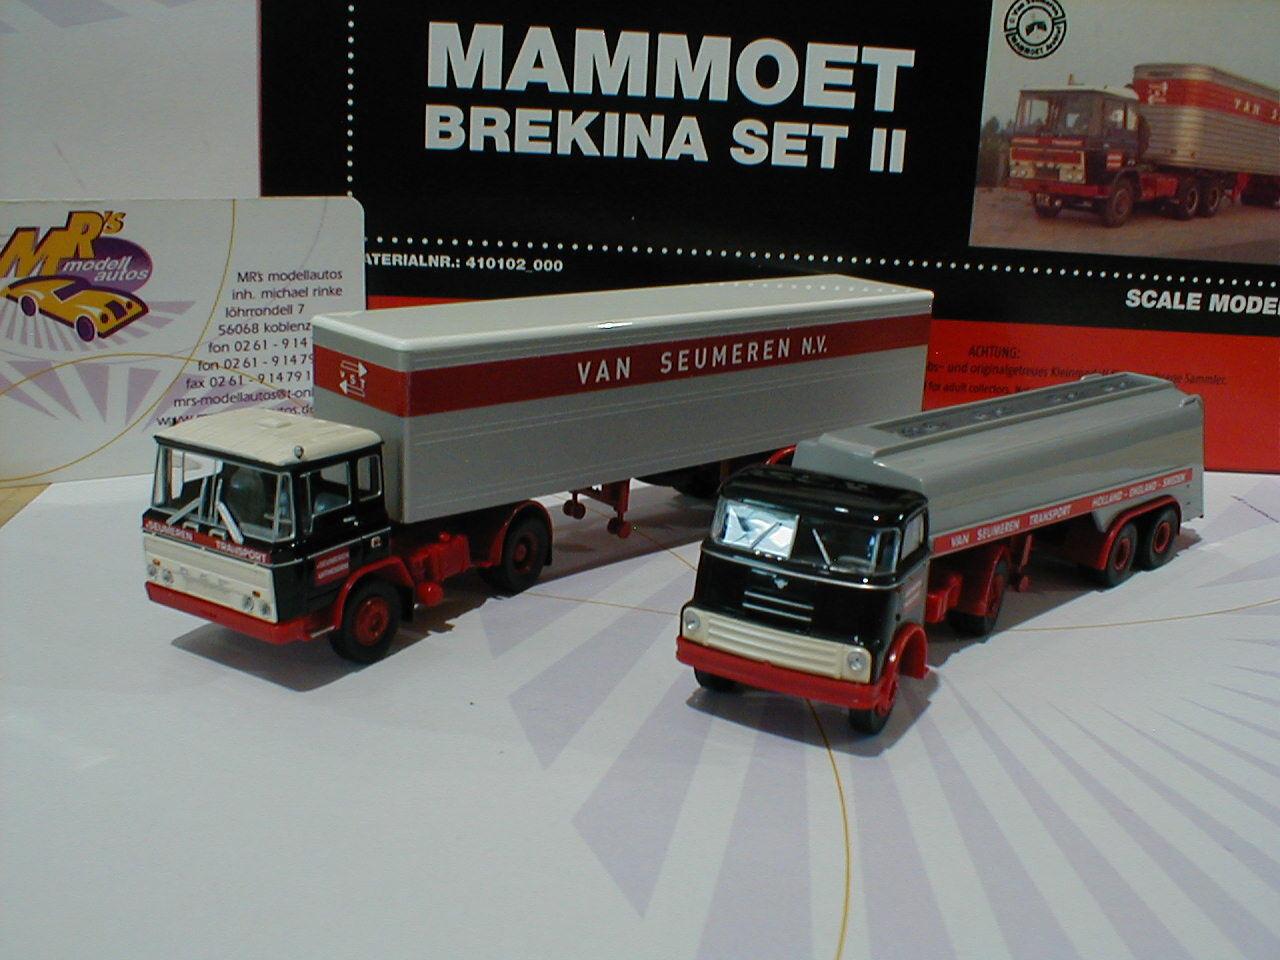 Brekina 99264 DAF 2000 Tieflader   FT 2600 Pritschenzug SET van Seumeren 1 87